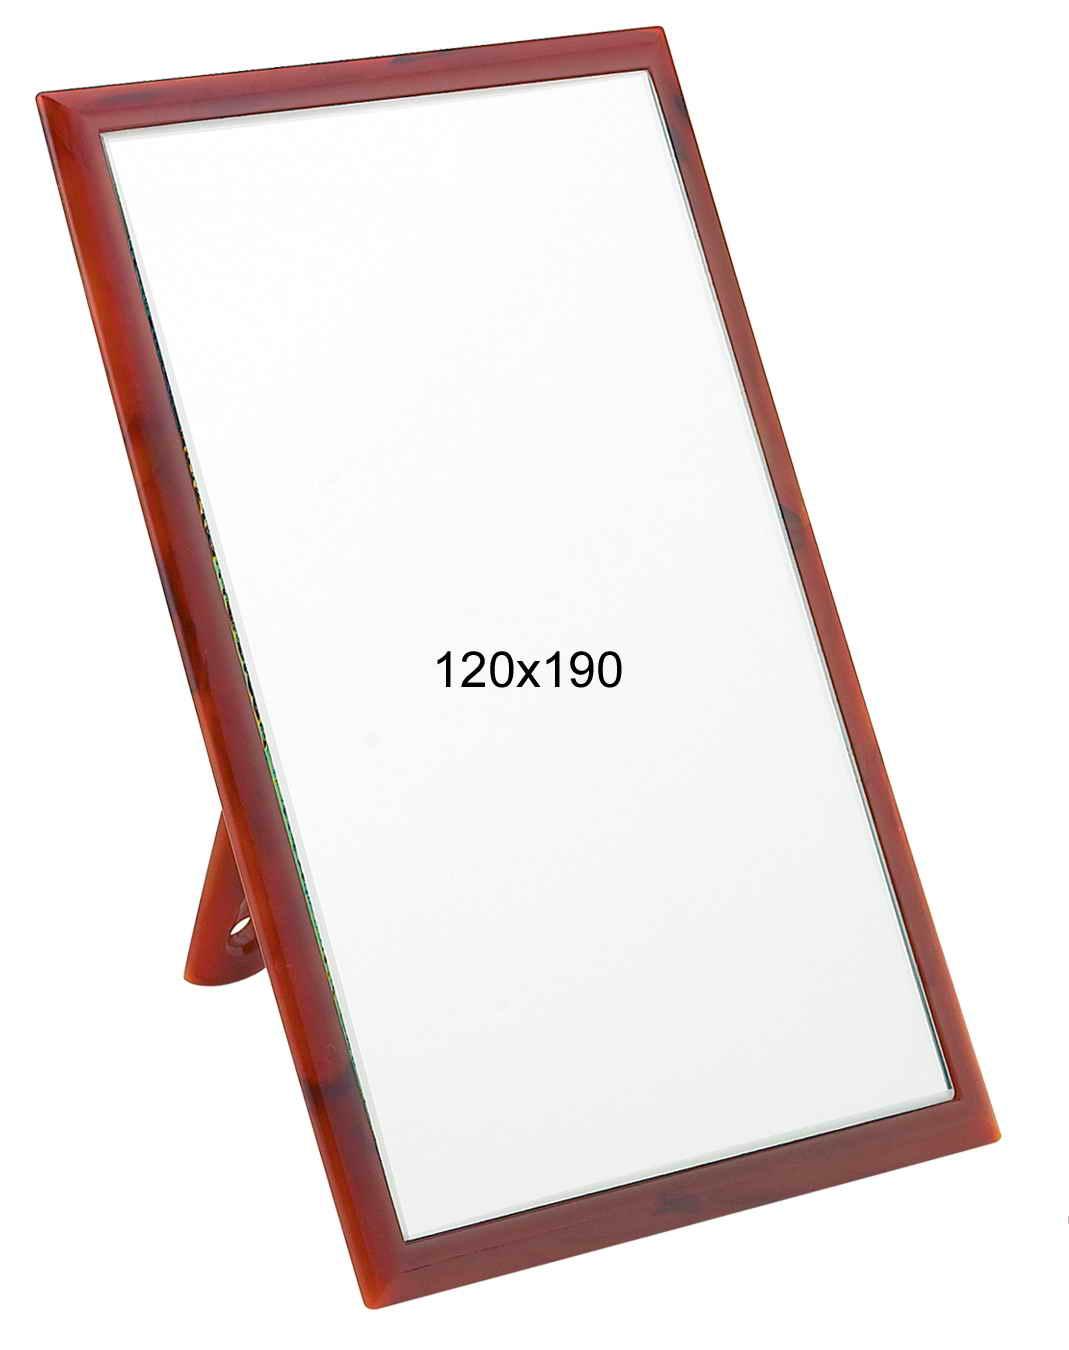 Зеркало настольное 120x190 Код 78477 DBL